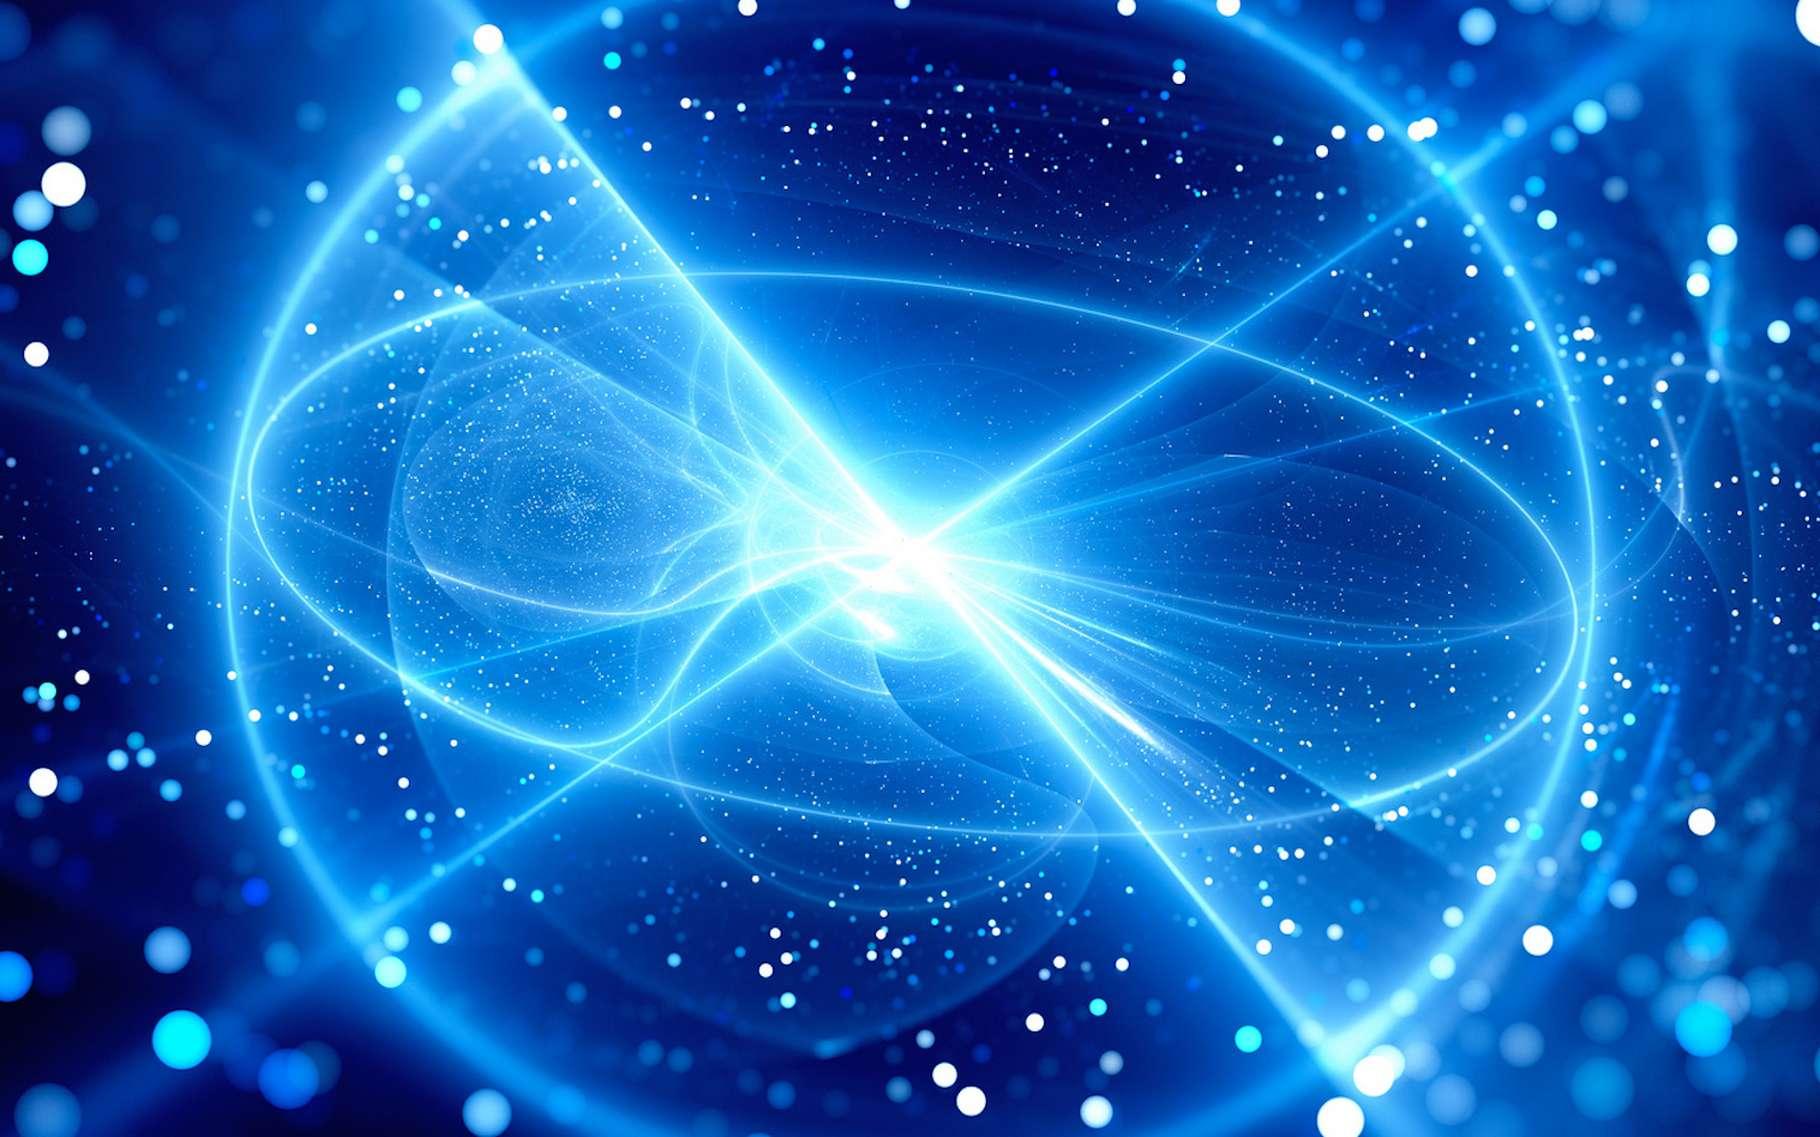 Maîtriser la fusion nucléaire fournirait à l'humanité une solution à tous ses problèmes d'énergie. Et si cette fusion pouvait se faire à froid, ce serait comme un rêve qui devient réalité. Des chercheurs étudient la question. © sakkmesterke, Fotolia